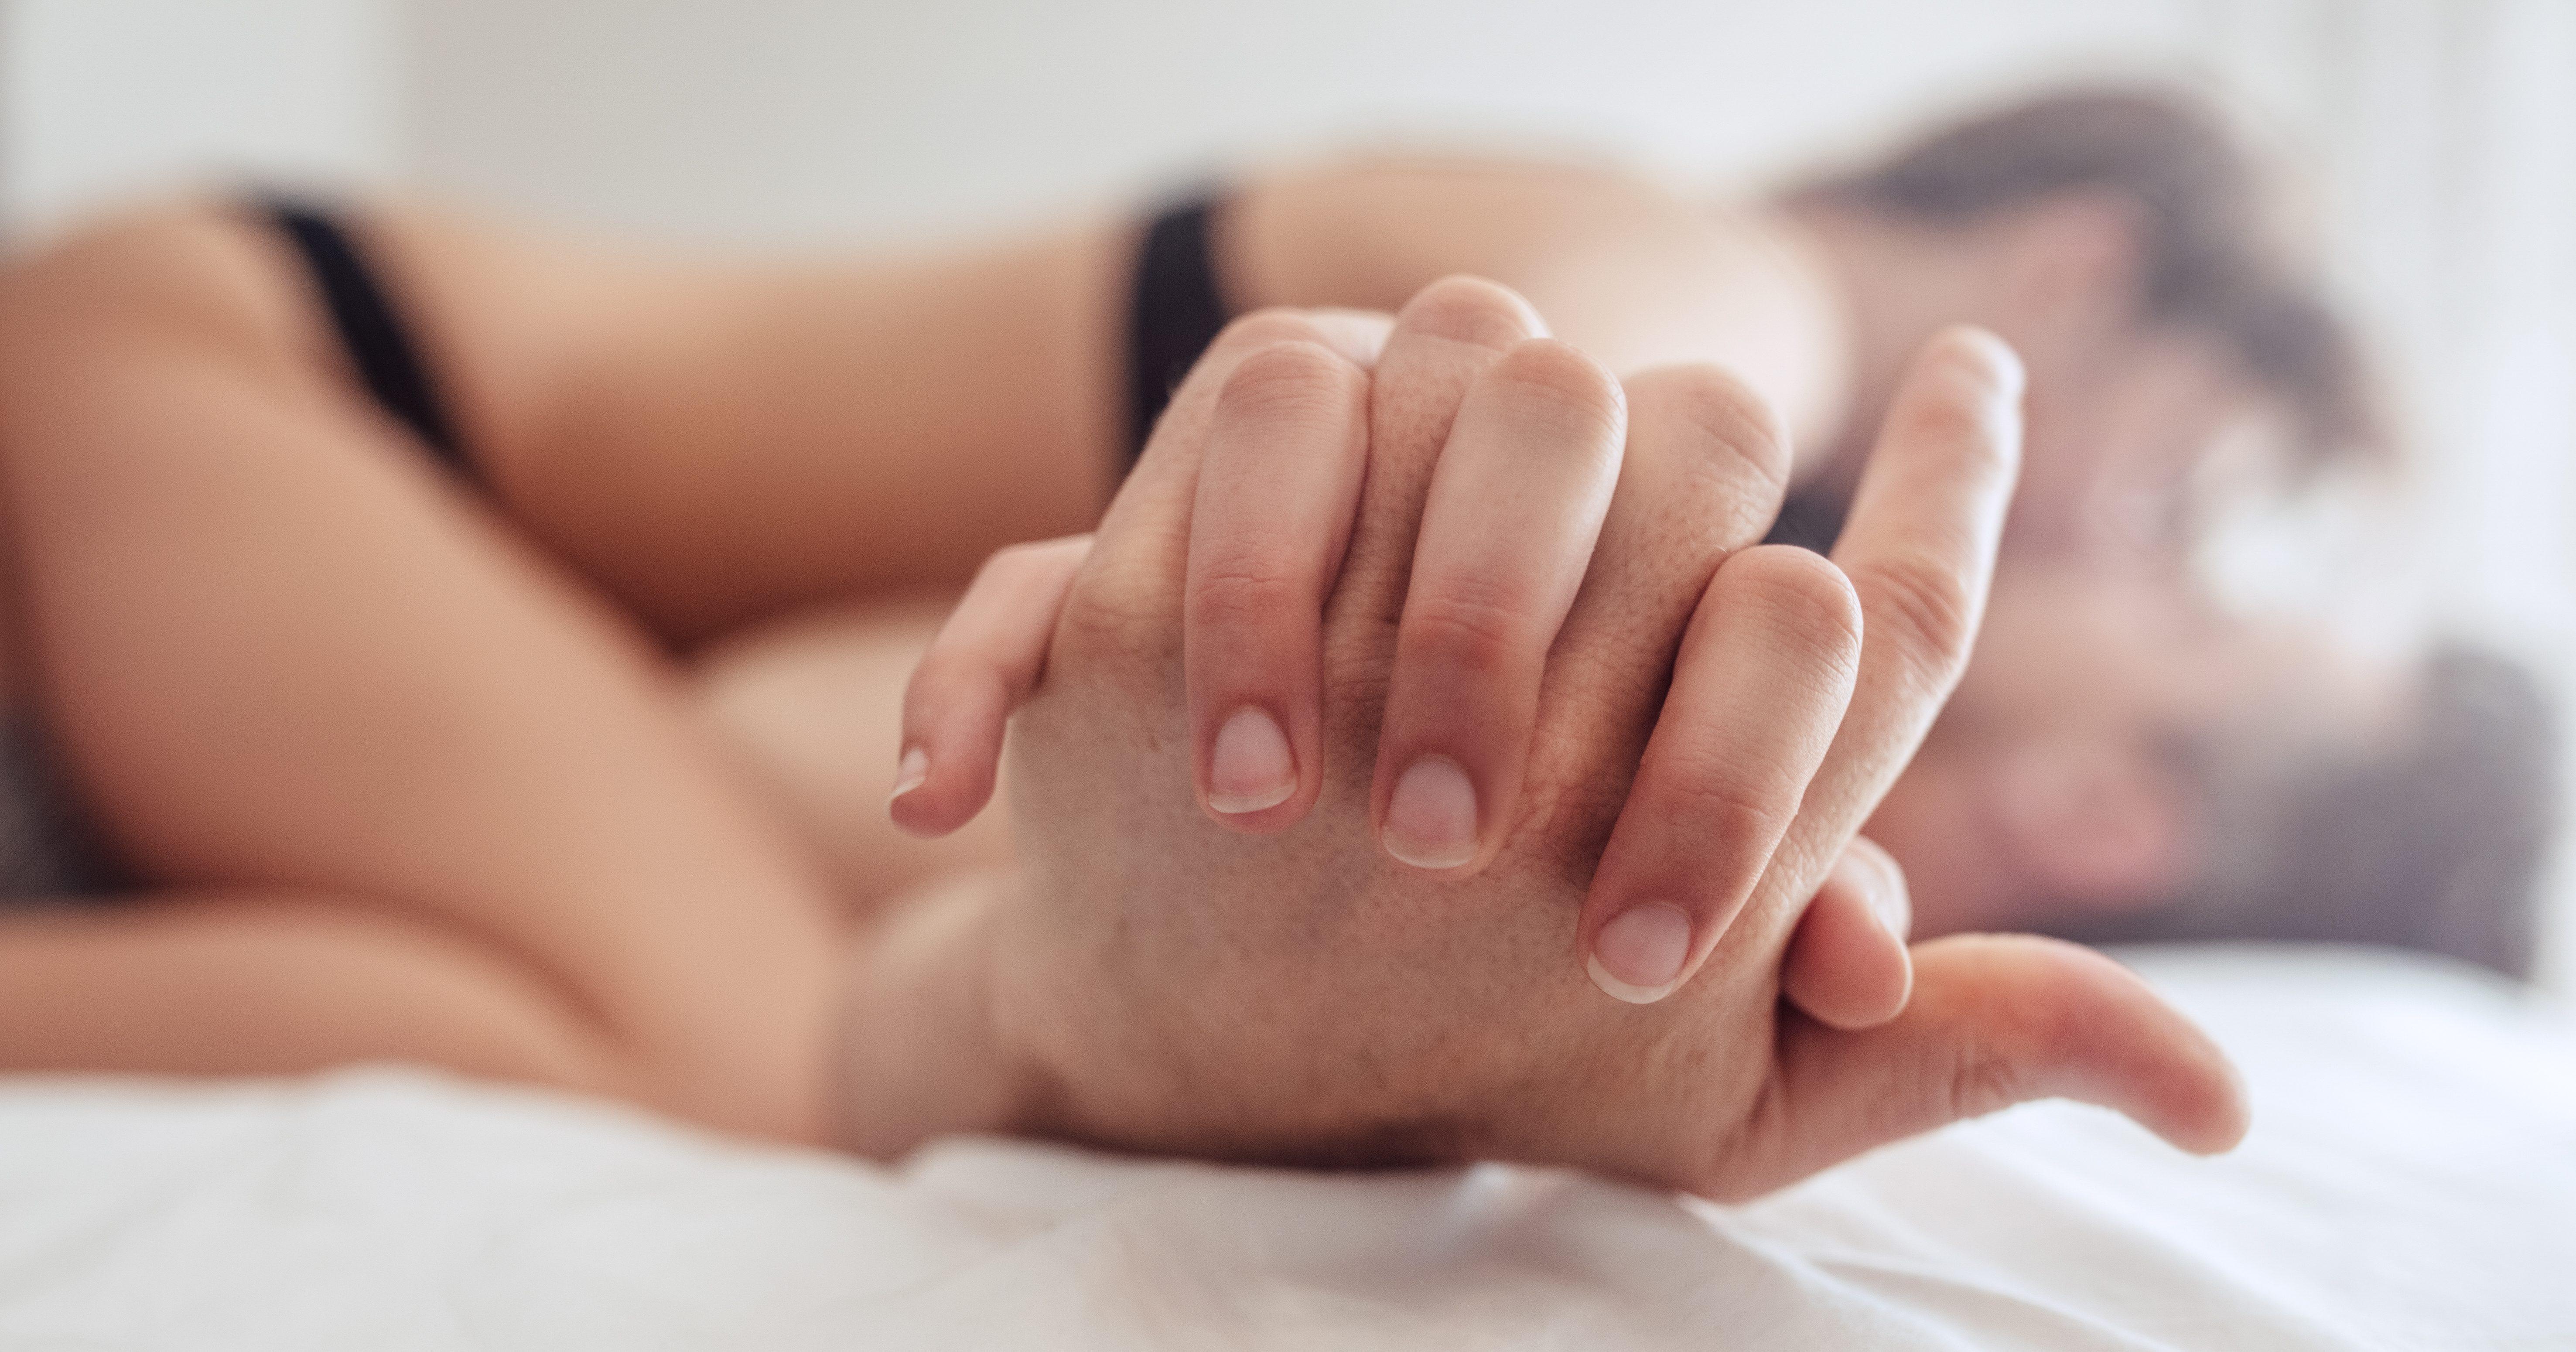 Во время занятия сексом начинаются спазмы